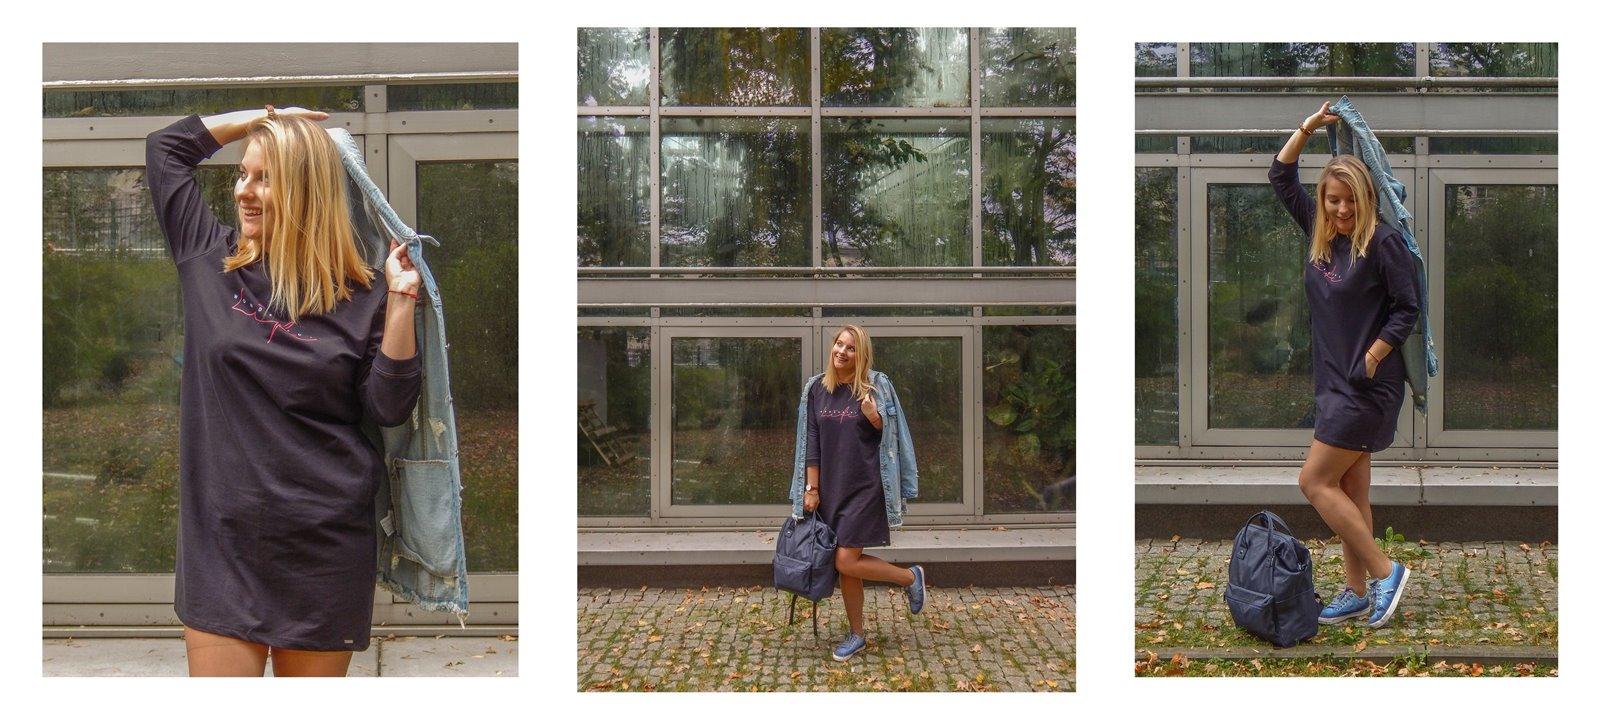 5A volcano sportowe sukienki dla dorosłych dzieci jesienne stylizacje do pracy do szkoły na uczelnię blondynka blog łódź moda styl lifestyle blogerki z łodzi współpraca blog pasja